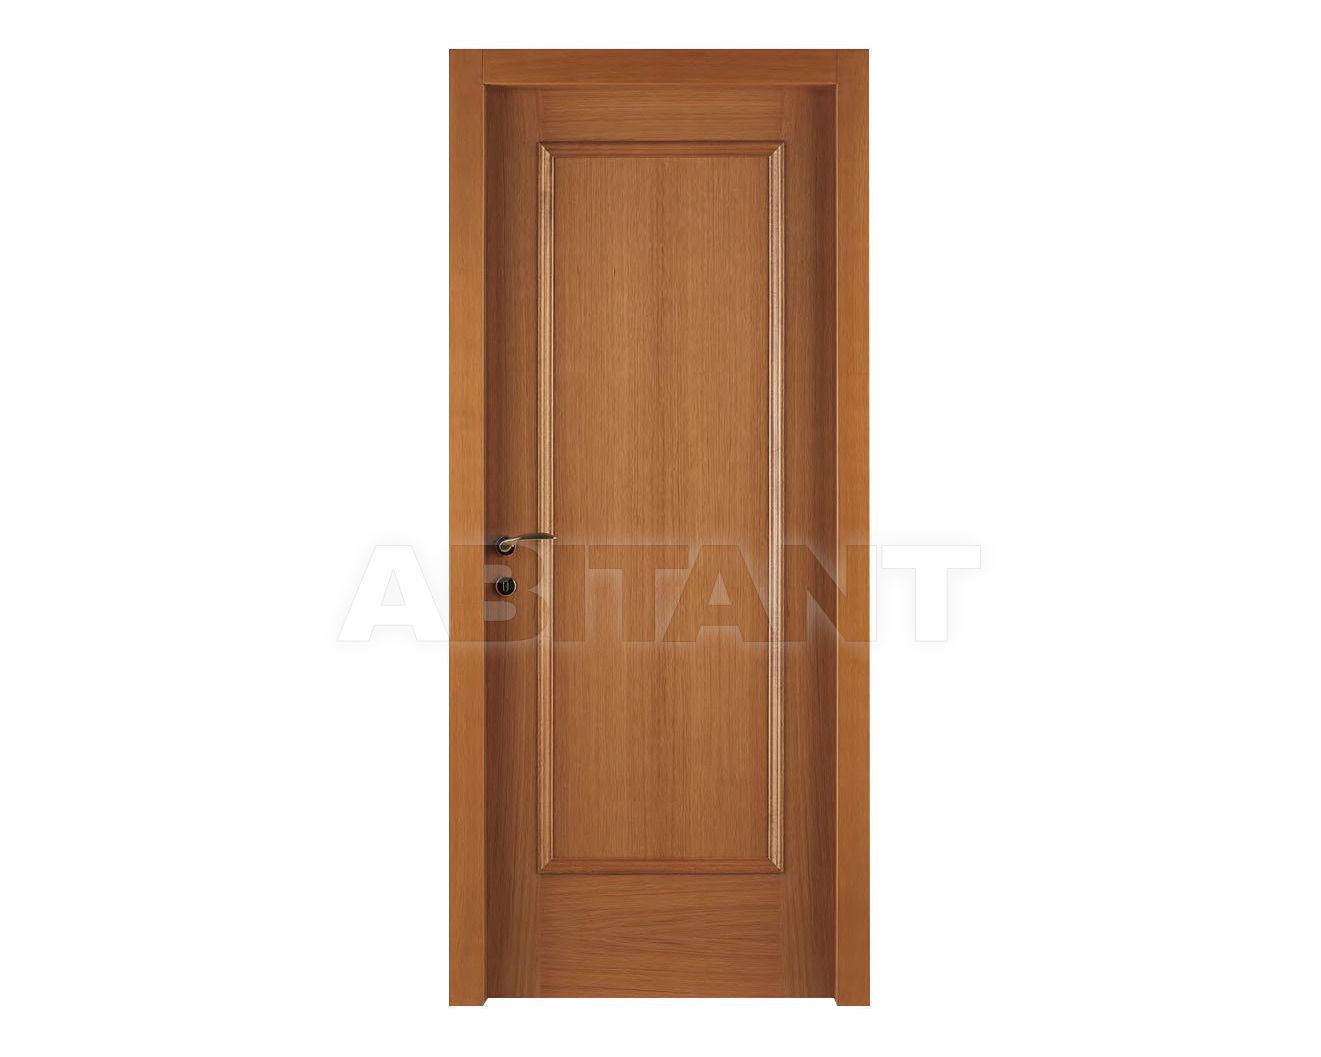 Купить Дверь деревянная Fioravazzi Classiche SOFIA CIECA